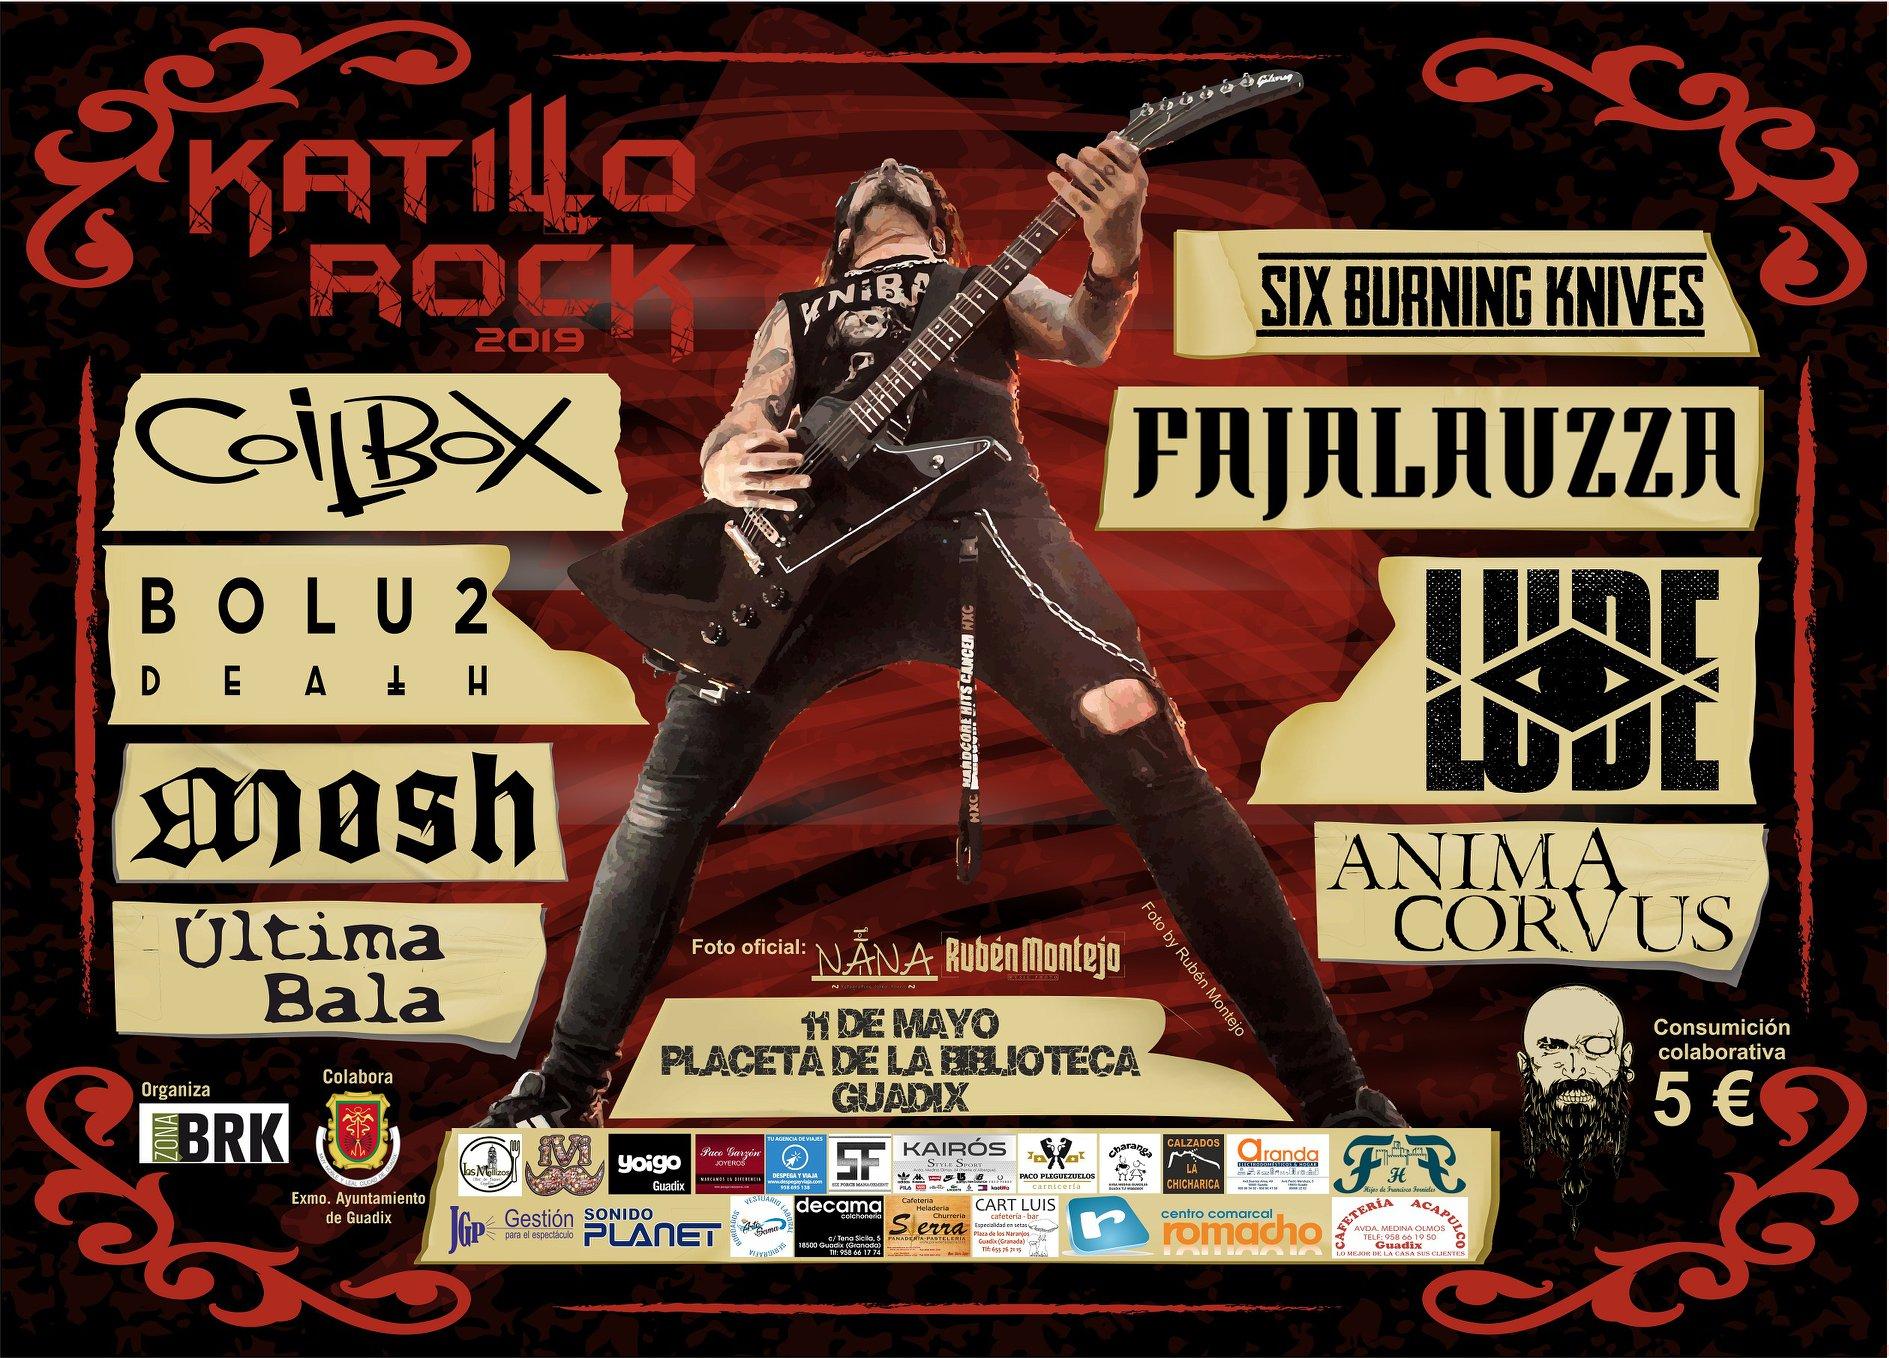 KATILLO ROCK 2019 presenta el cartel completo – 11 de Mayo en Guadix